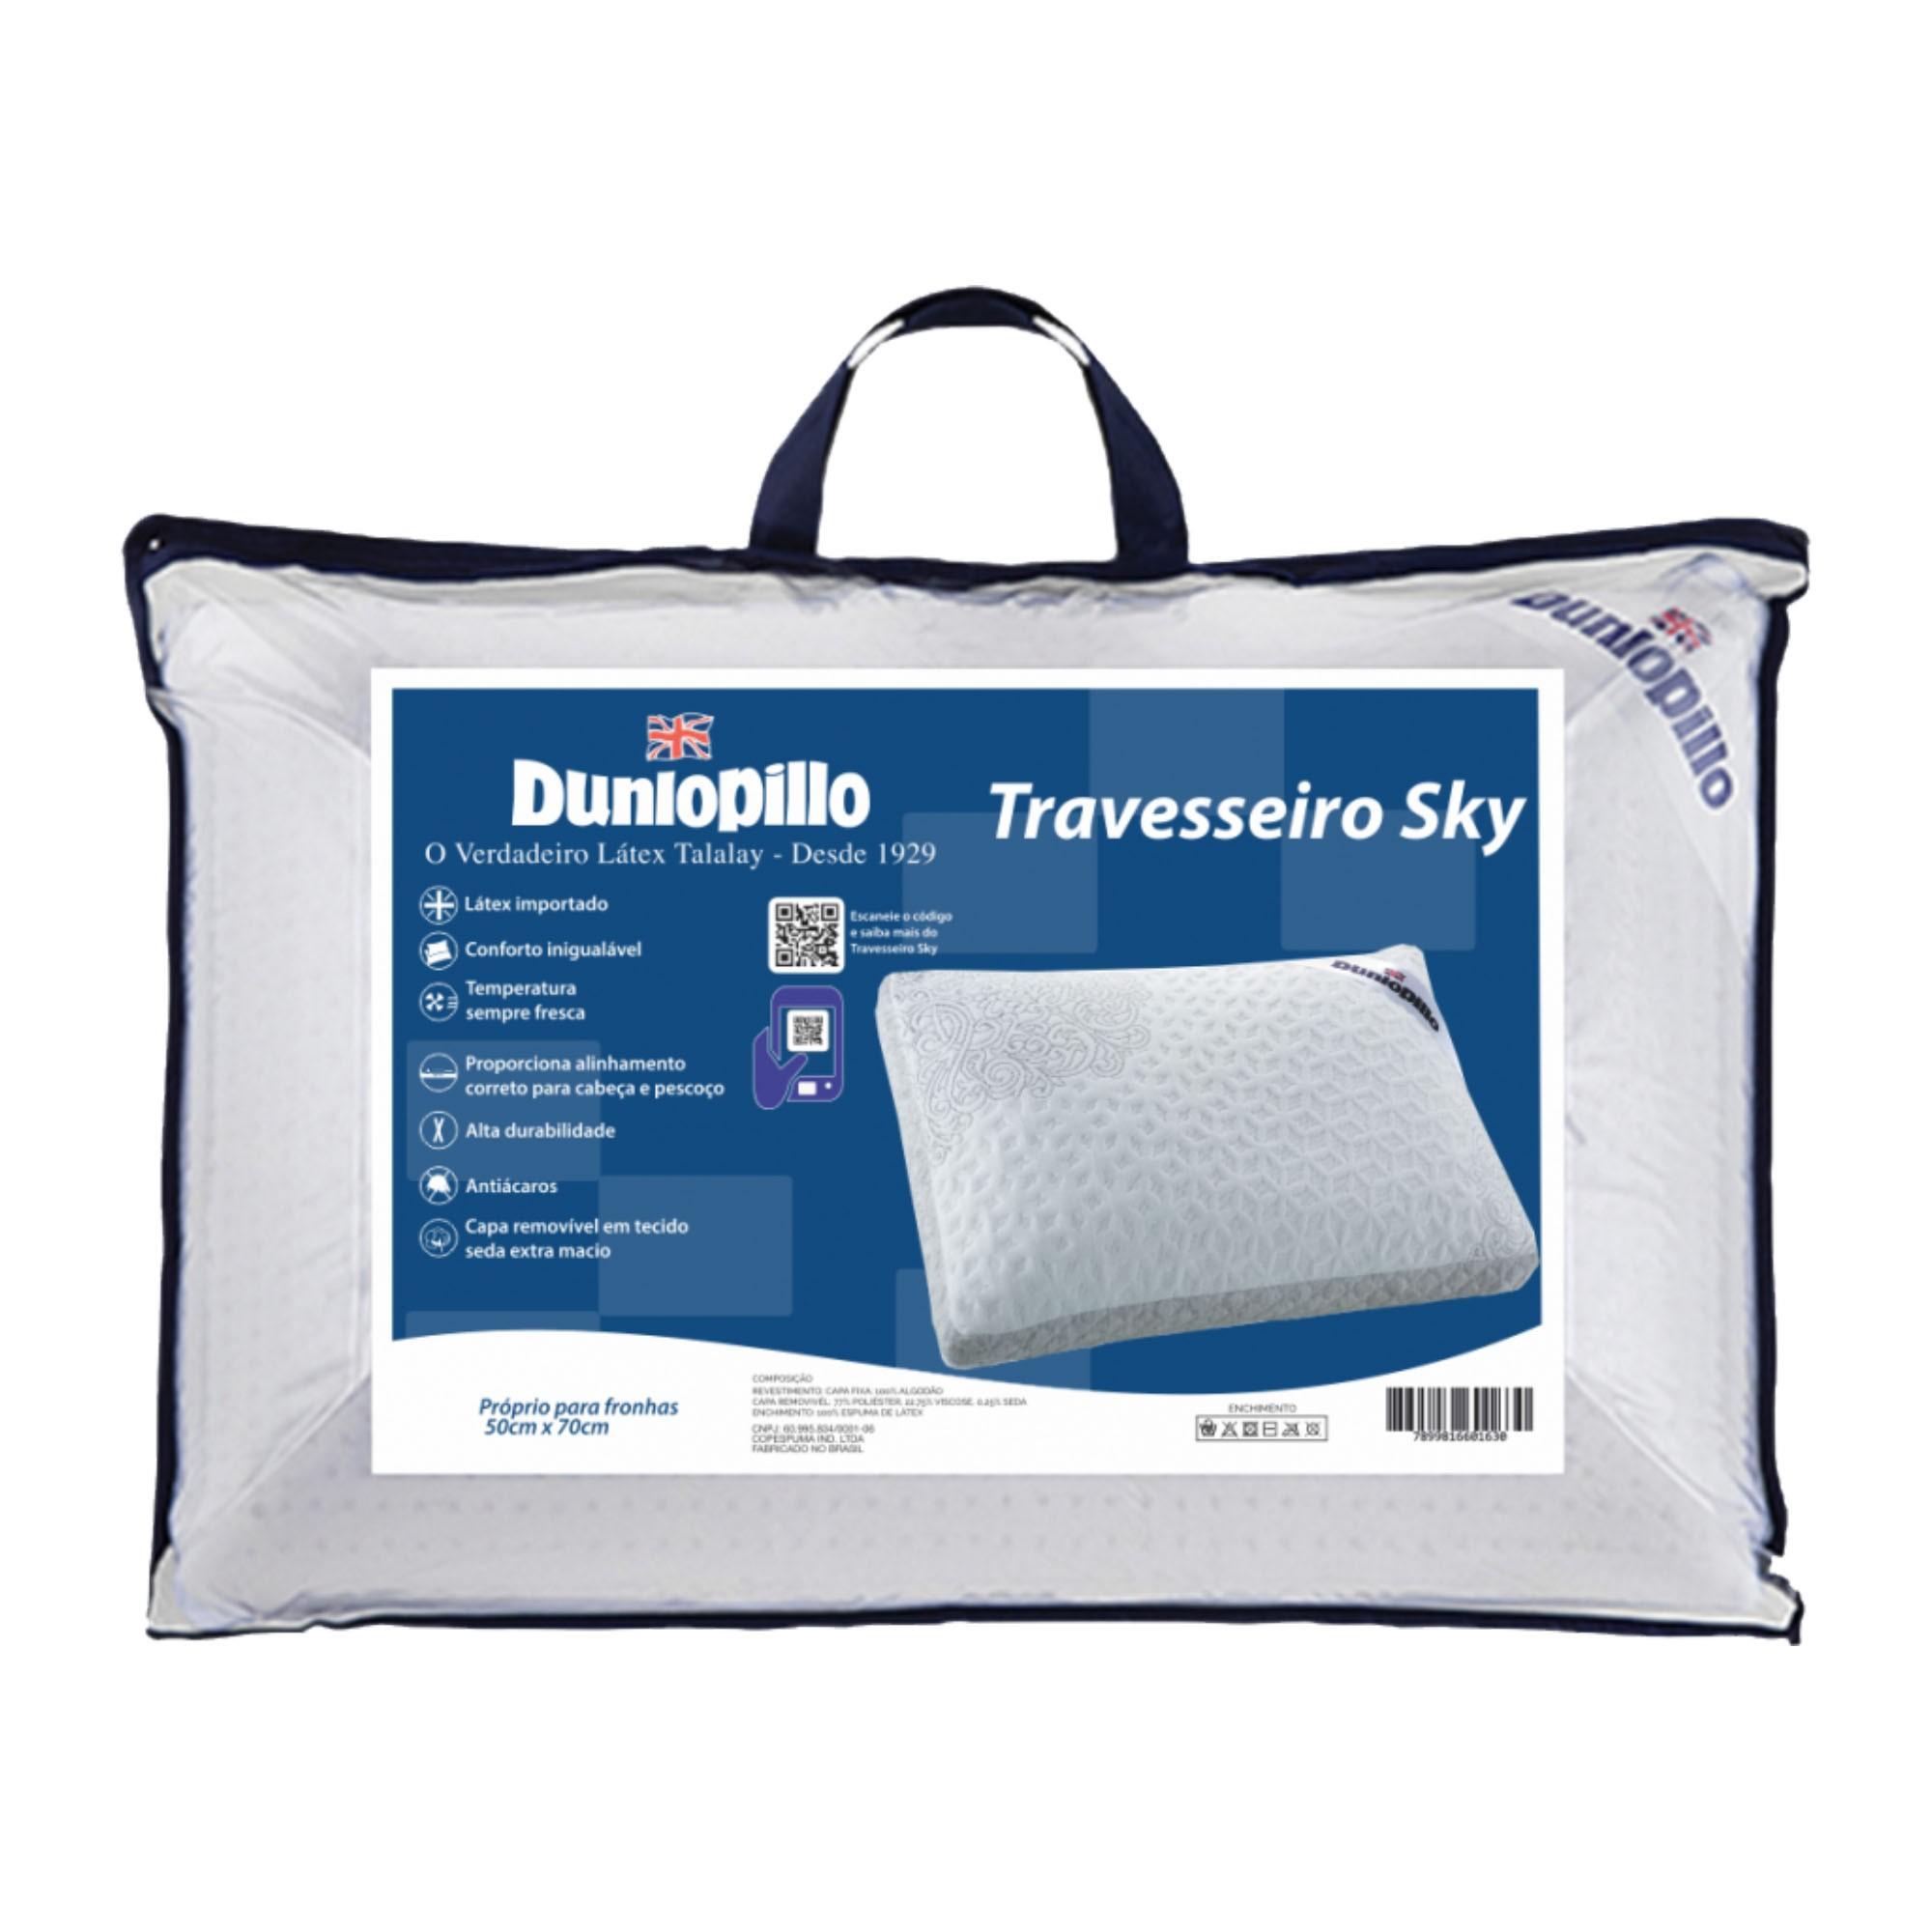 Travesseiro Dunlopillo Sky Flocos de Látex, Intermediário, 050 x 070 cm